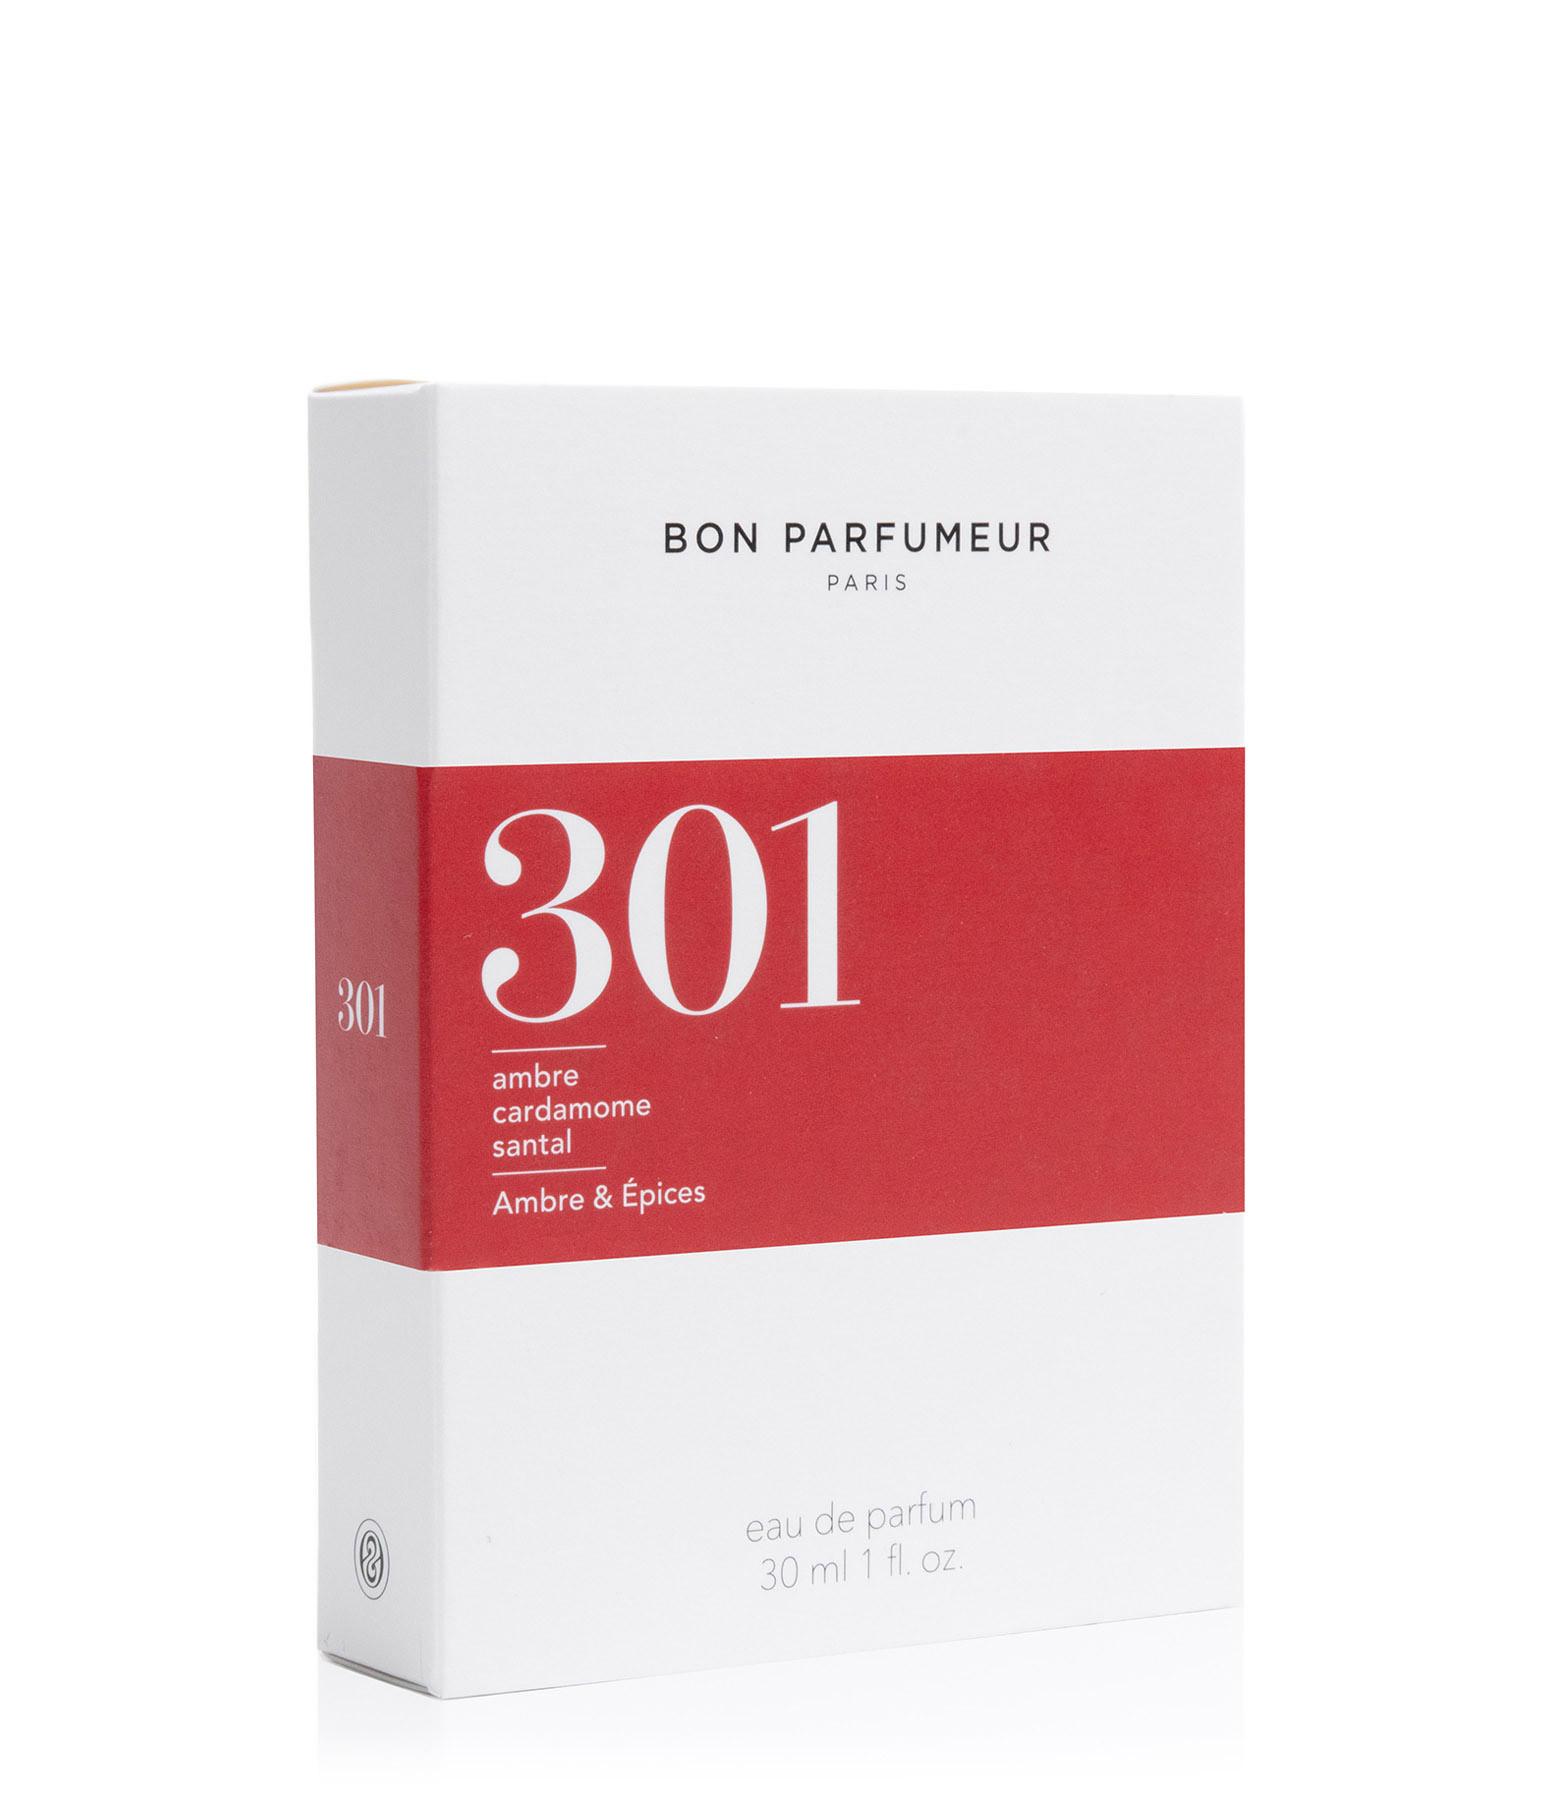 BON PARFUMEUR - Eau de Parfum #301 Santal, Ambre, Cardamome